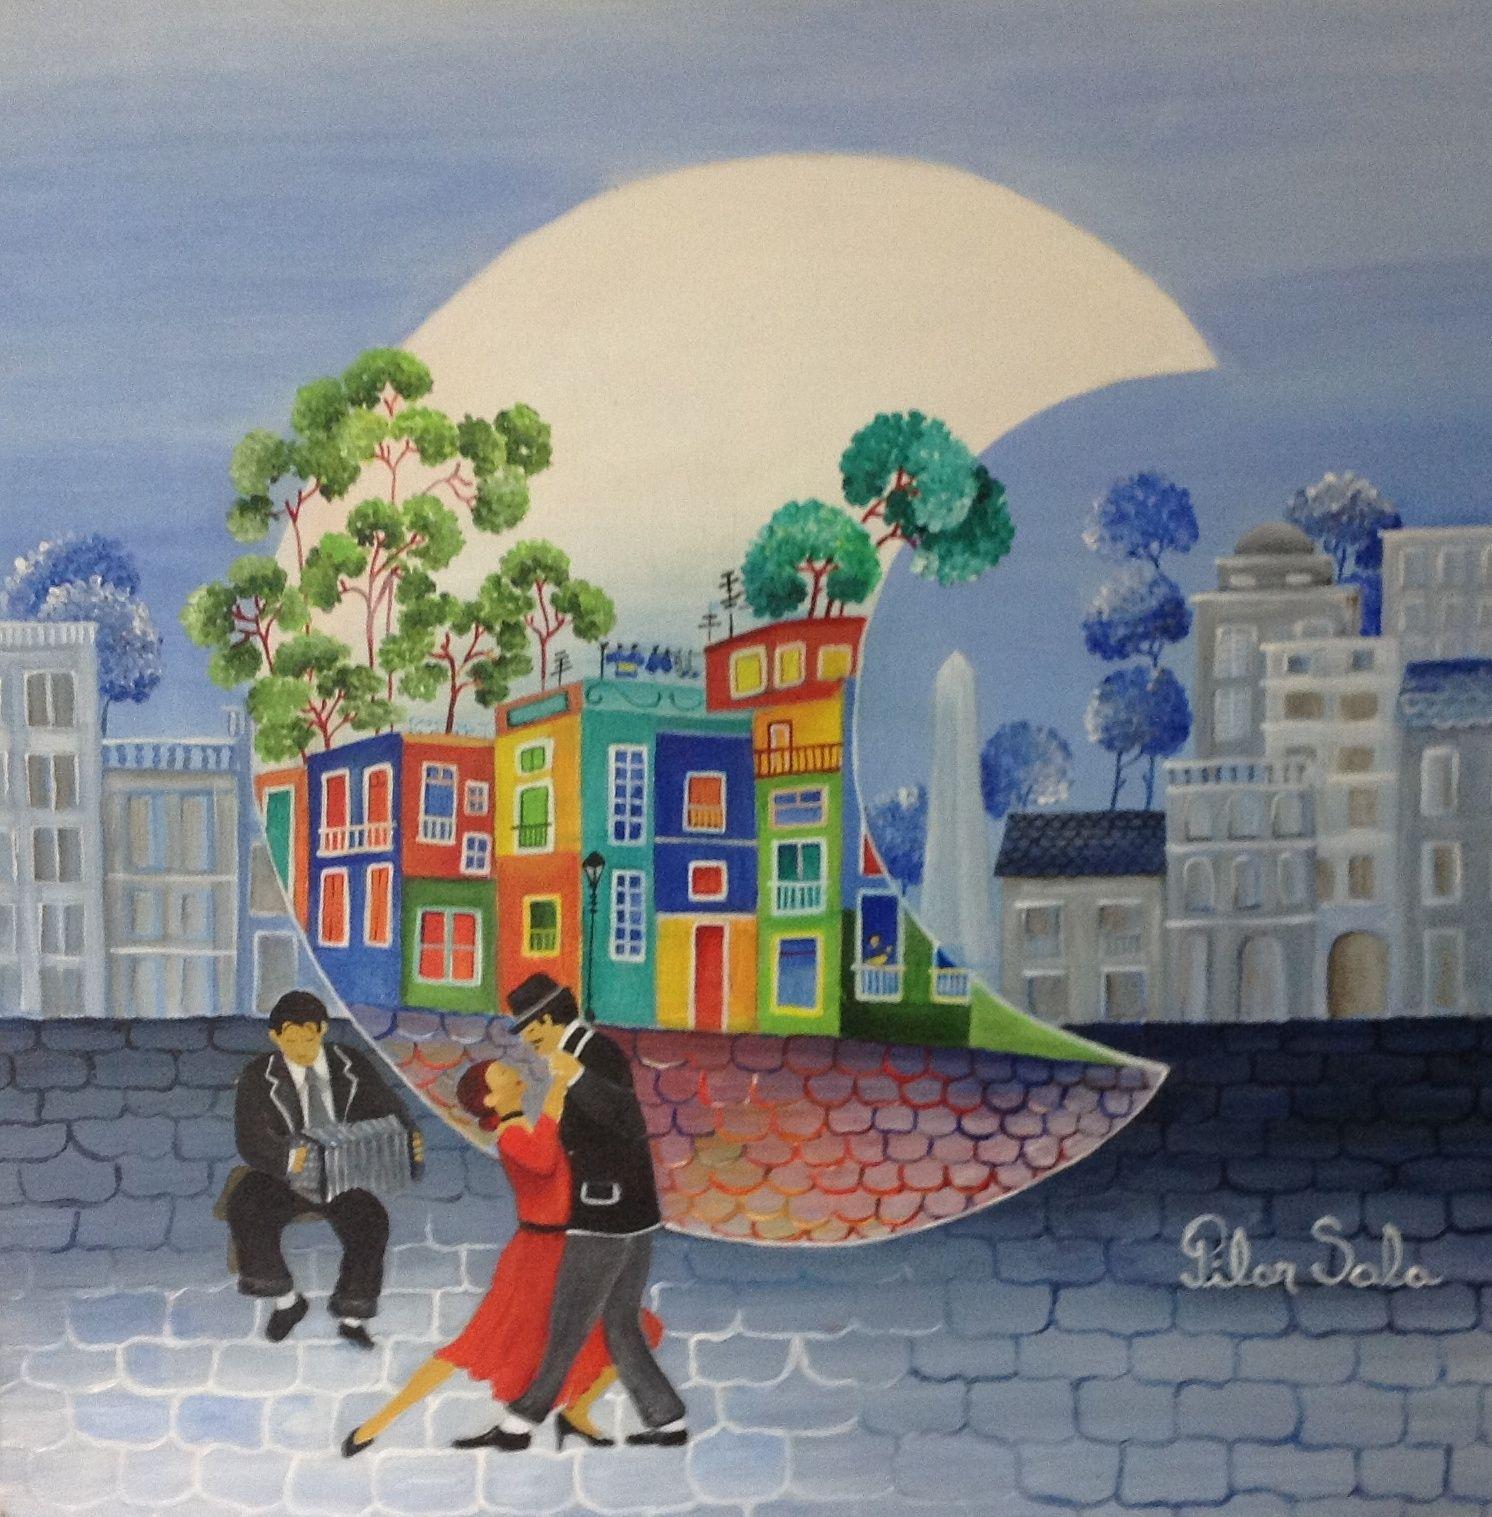 Arte naif PILAR SALA Bailamos tango | Arte naif - Pilar Sala ...